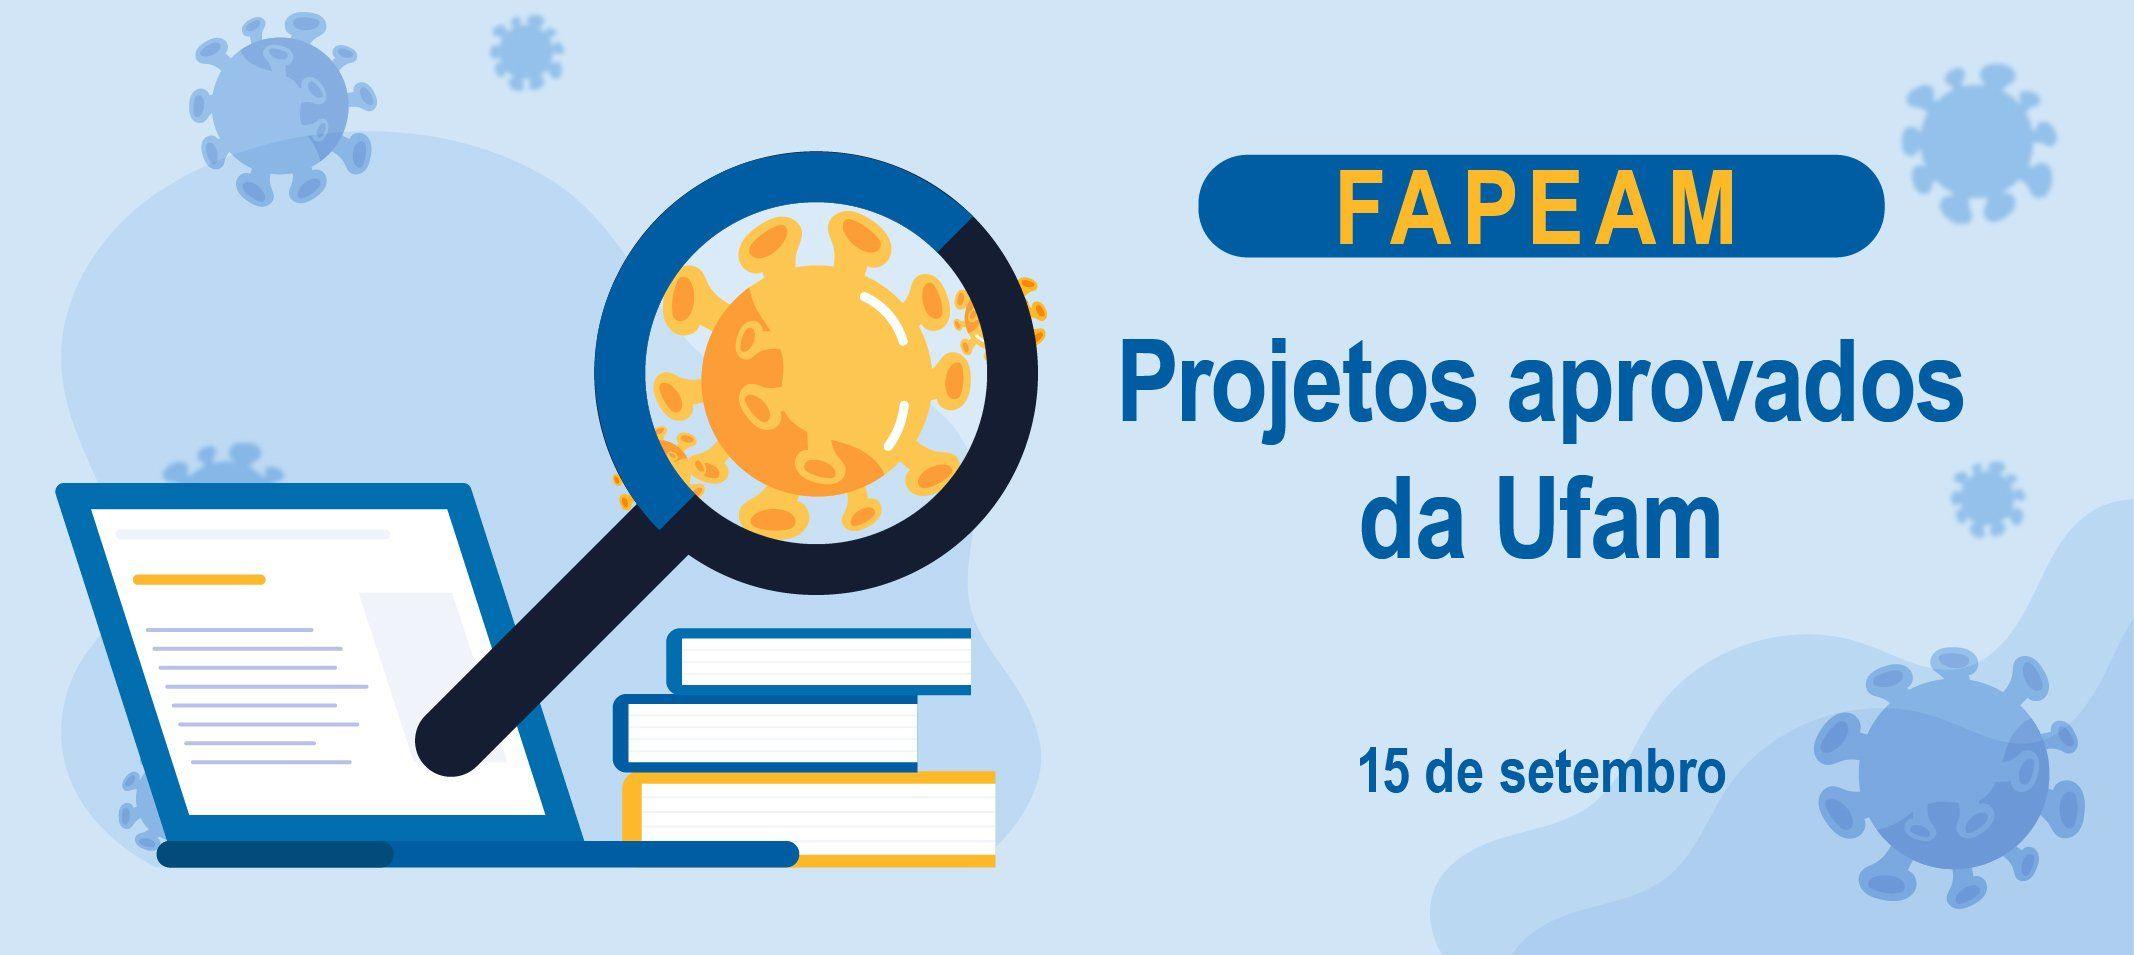 Ufam é a instituição com mais projetos aprovados em edital da Fapeam de combate ao coronavírus